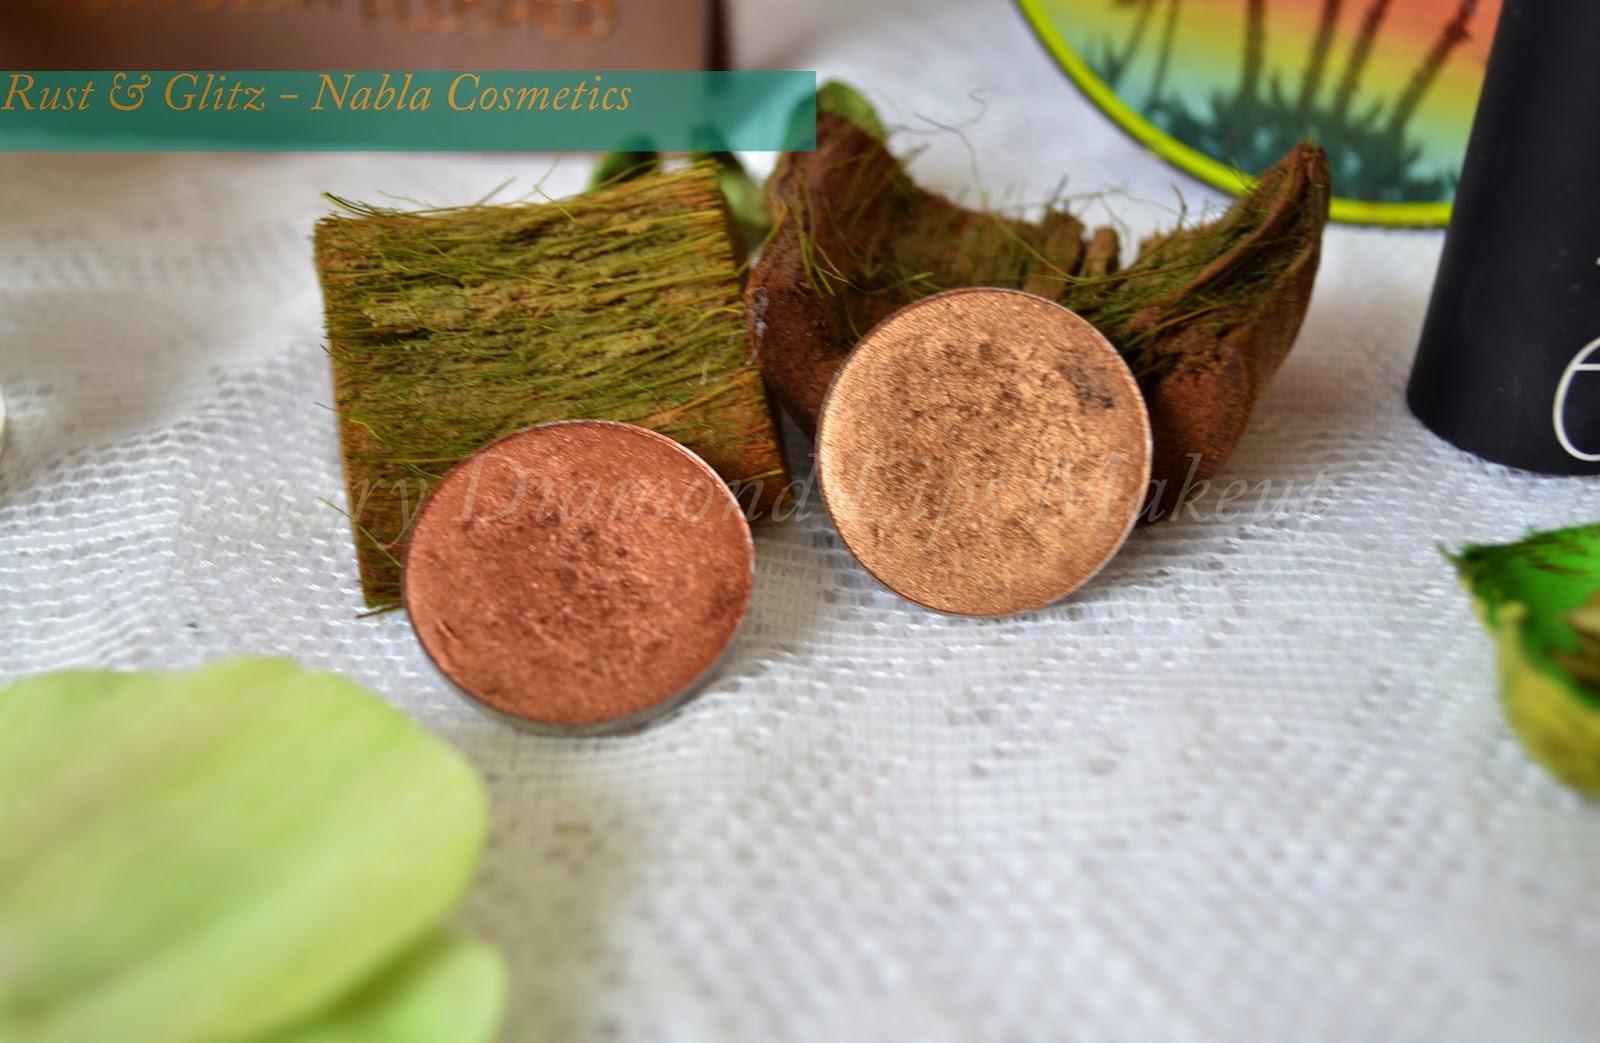 Rust & Glitz - Nabla Cosmetics